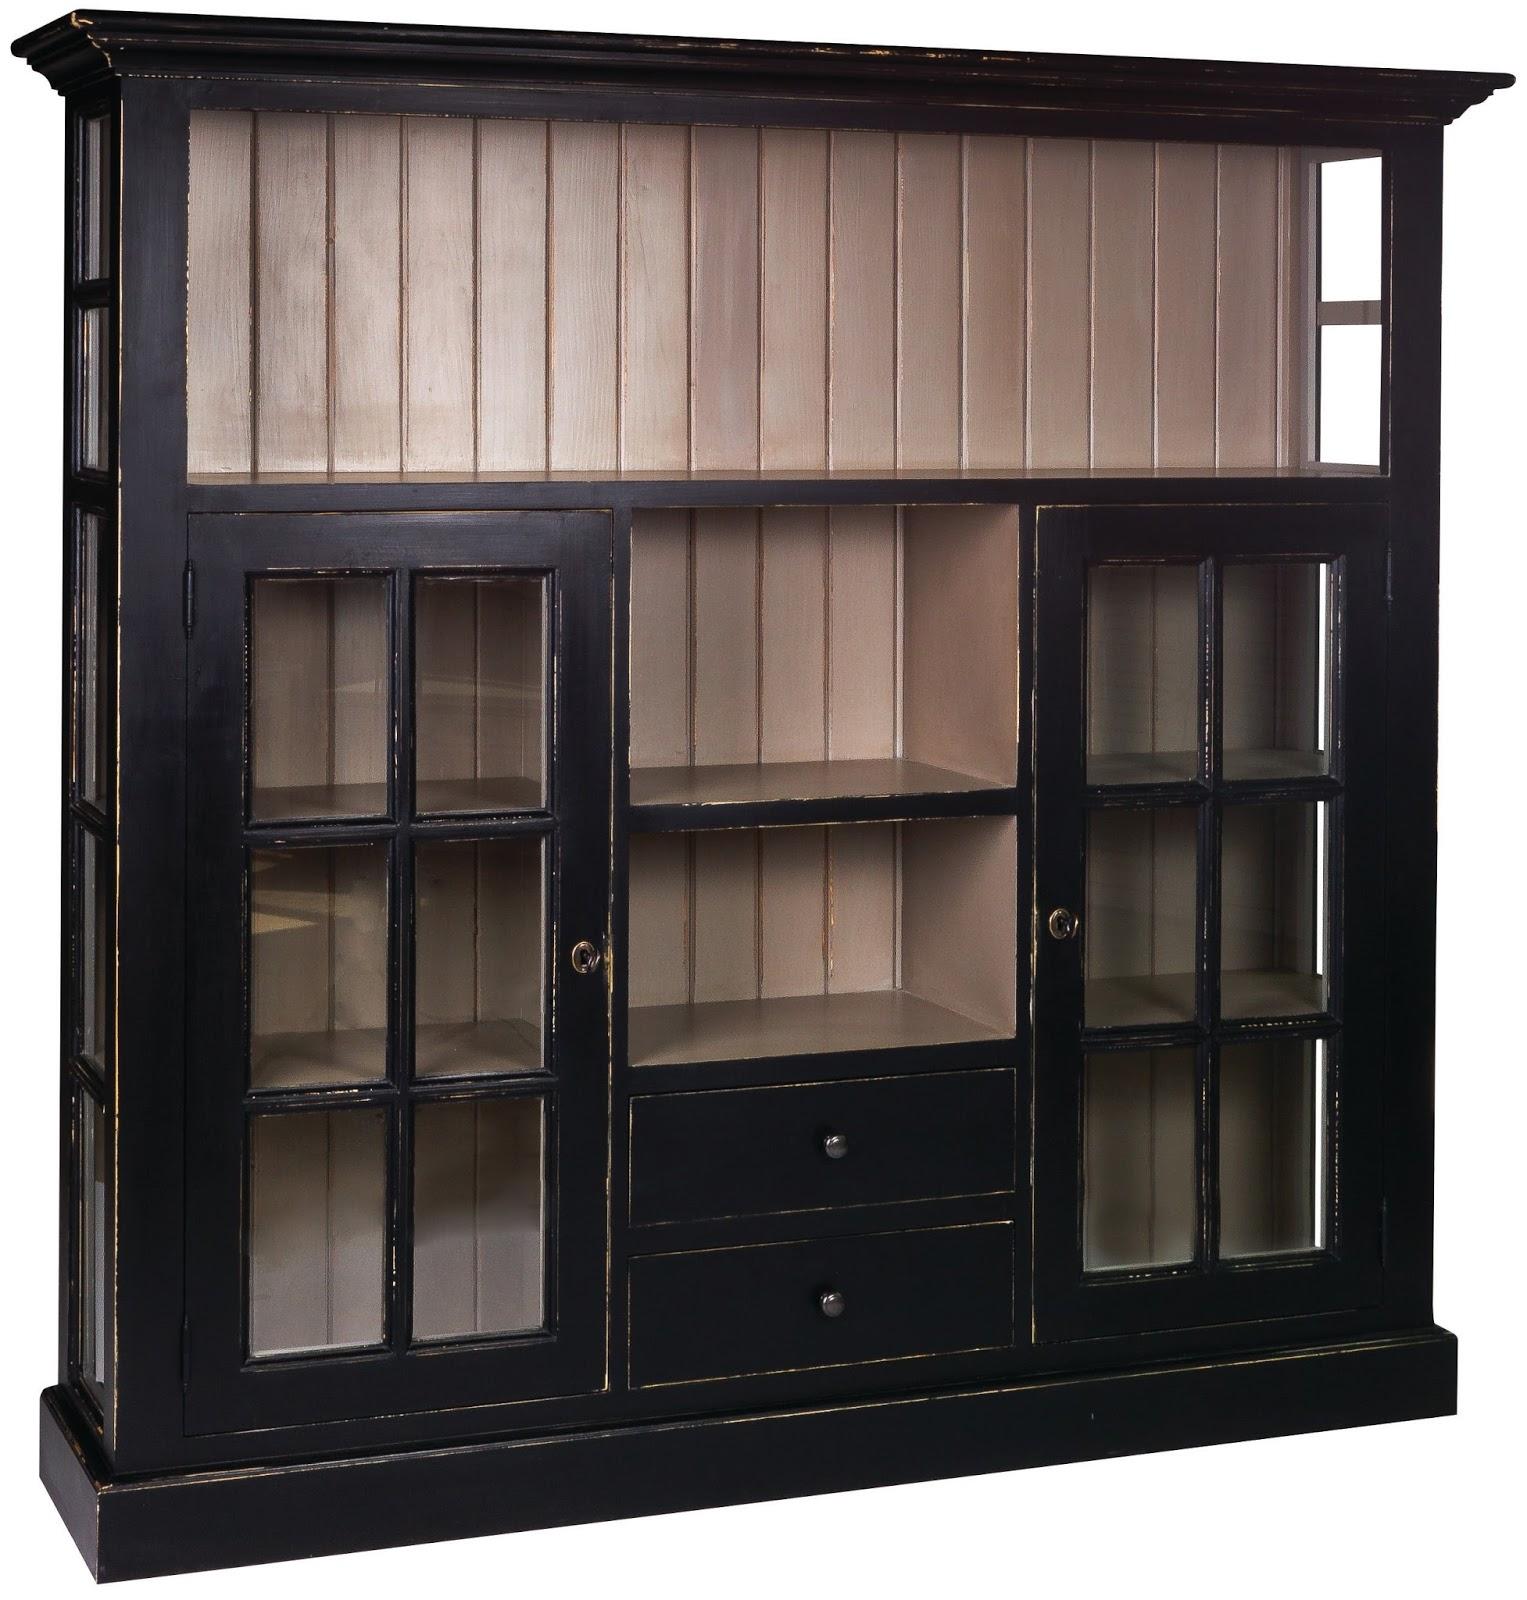 Meble prowansalskie, stylowa witrynka, mebel do biblioteki domowej, stylowe meble, czarna witrynka,